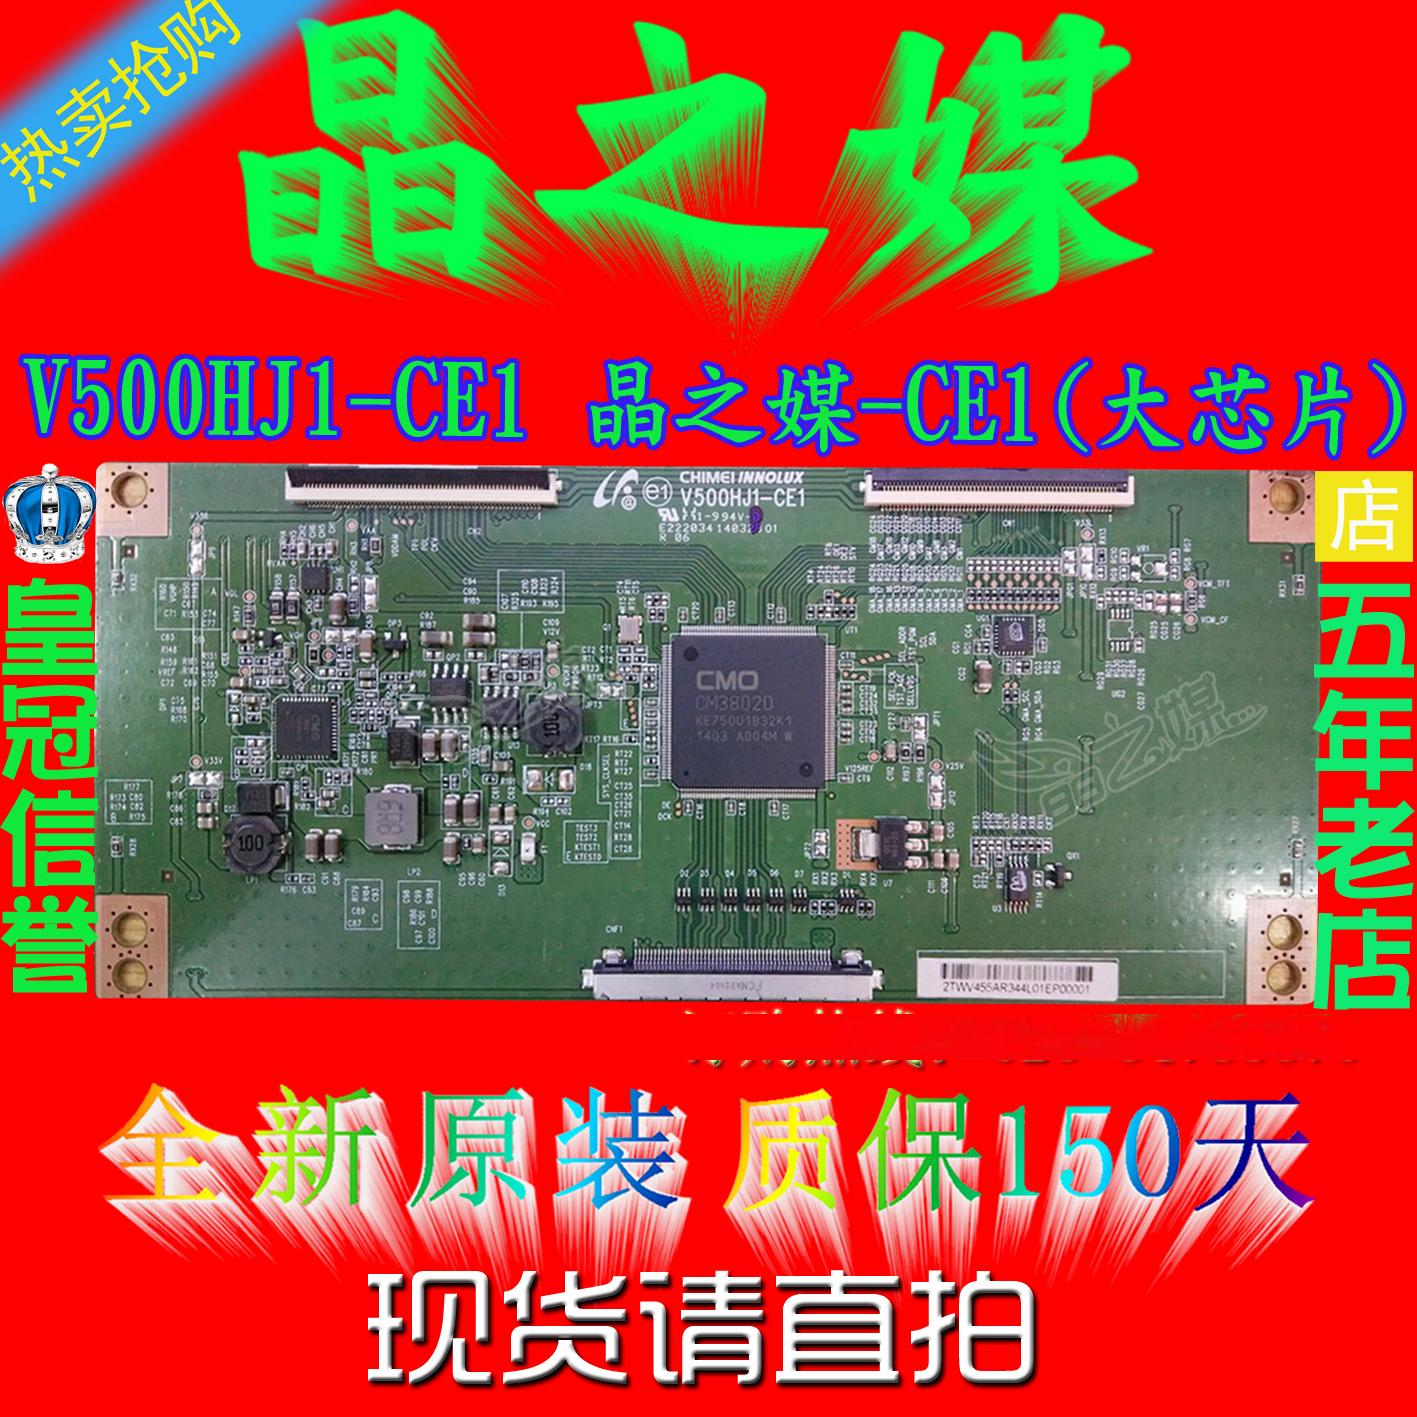 全新原装 晶之媒-CE1 V500HJ1-CE1(大芯片) 现货 保150天